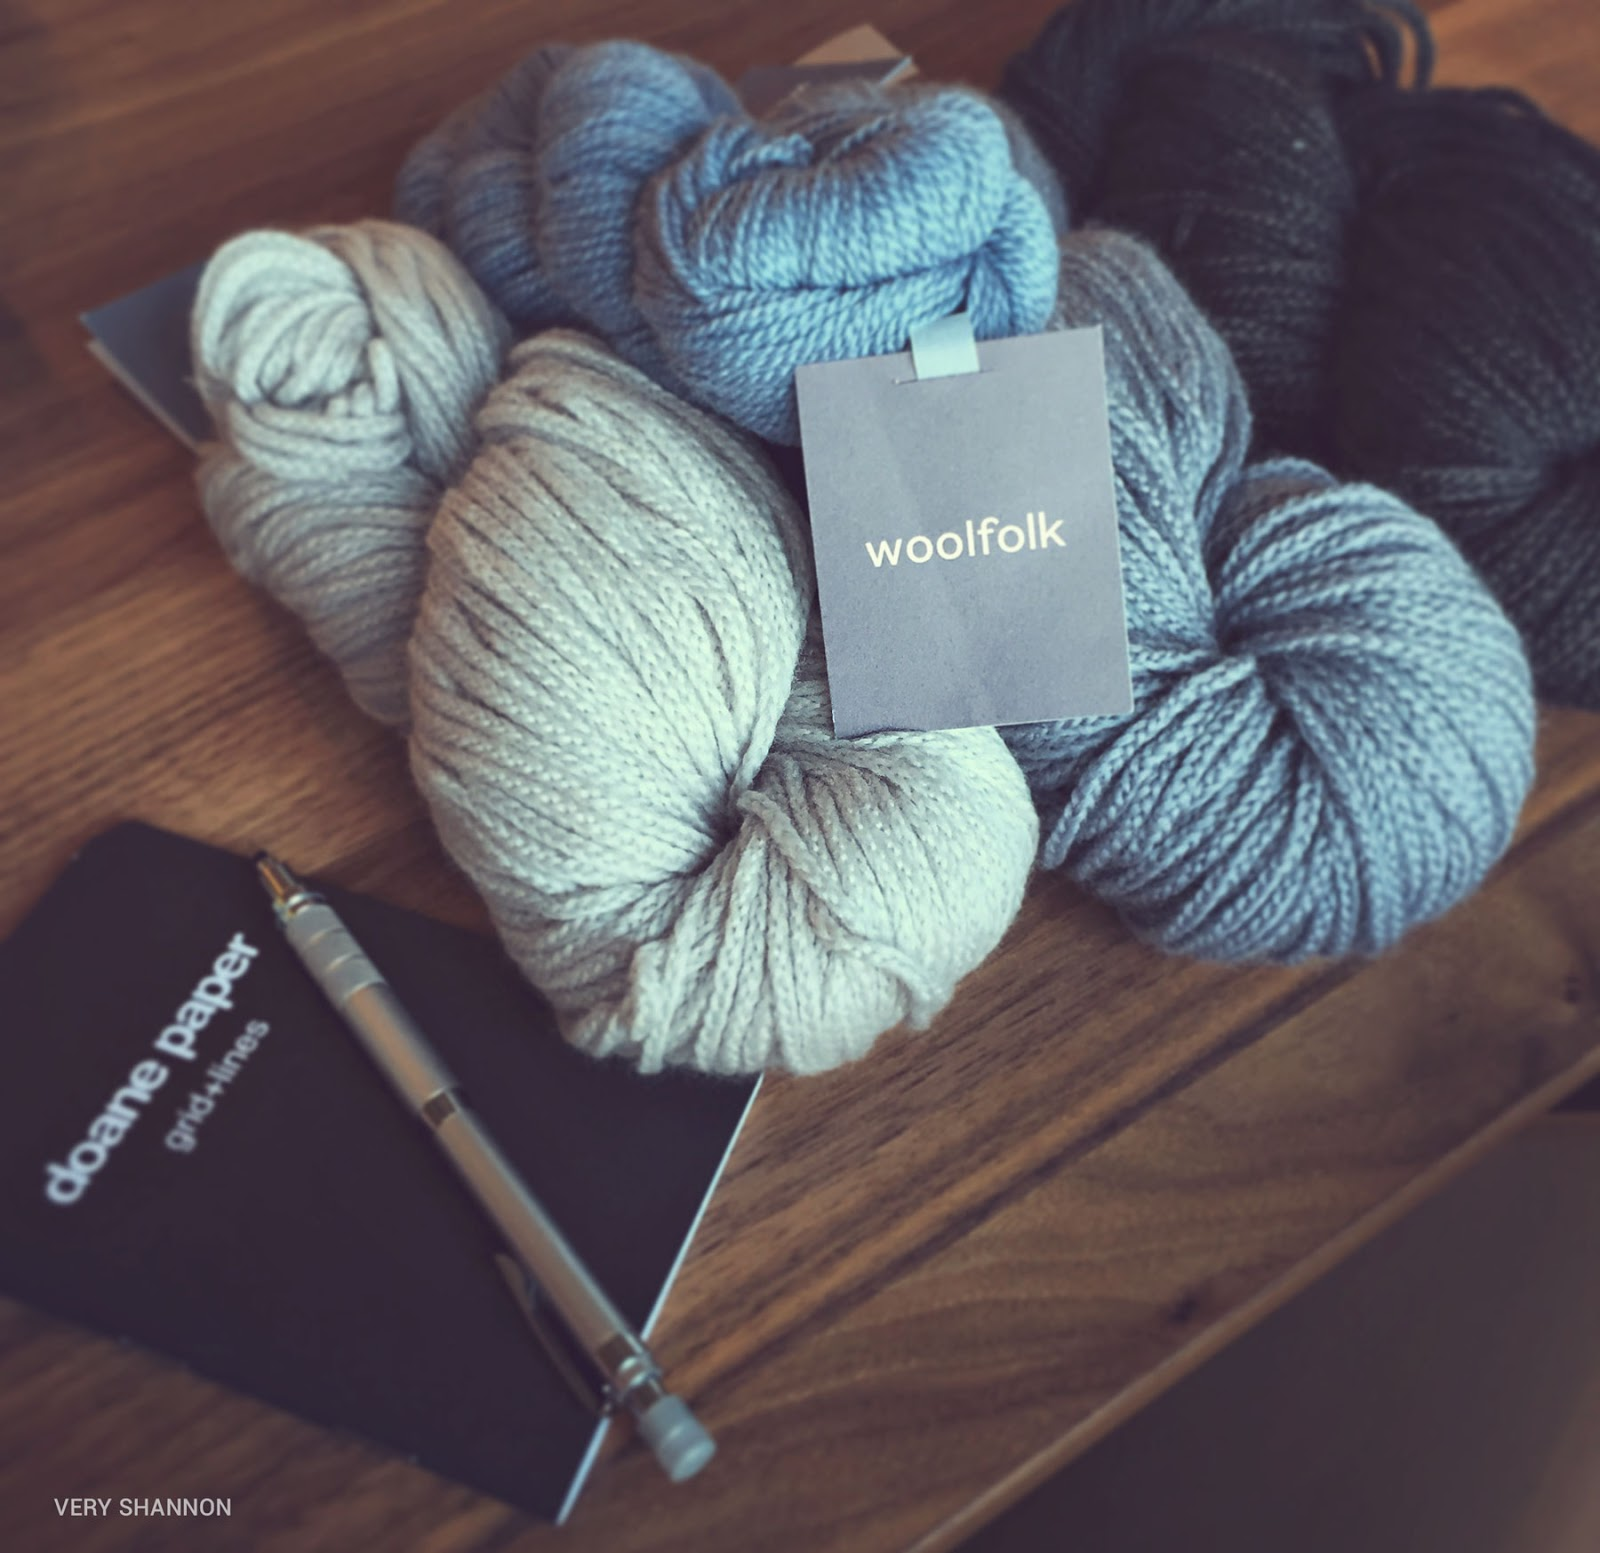 Woolfolk Yarn  || VeryShannon.com